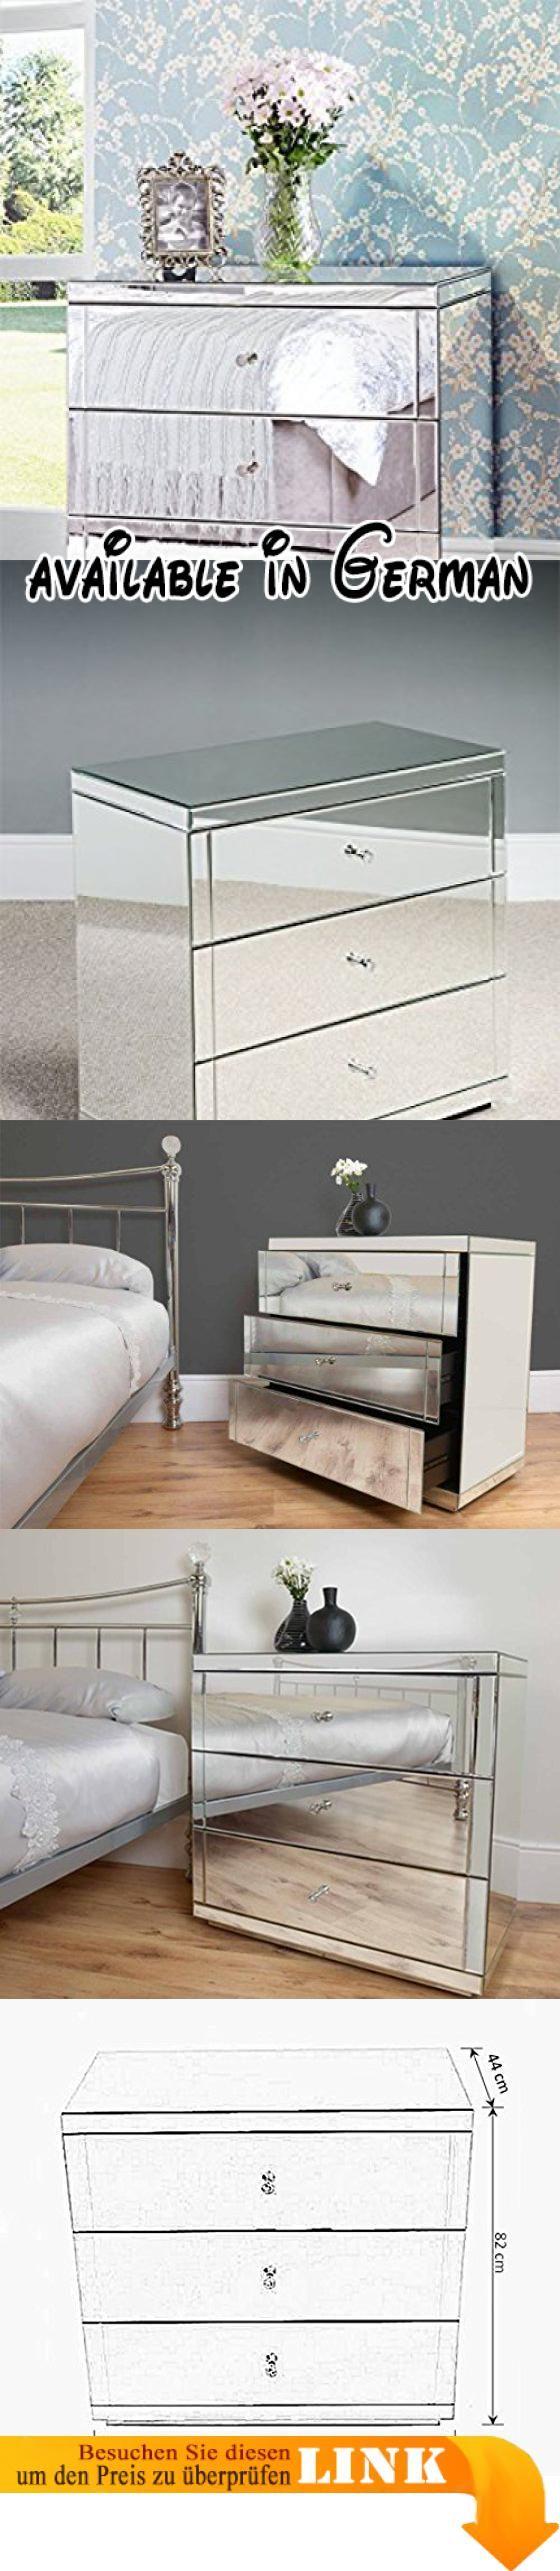 b006hgqjp6 : my-furniture flavia verspiegelte truhe mit fussplatte